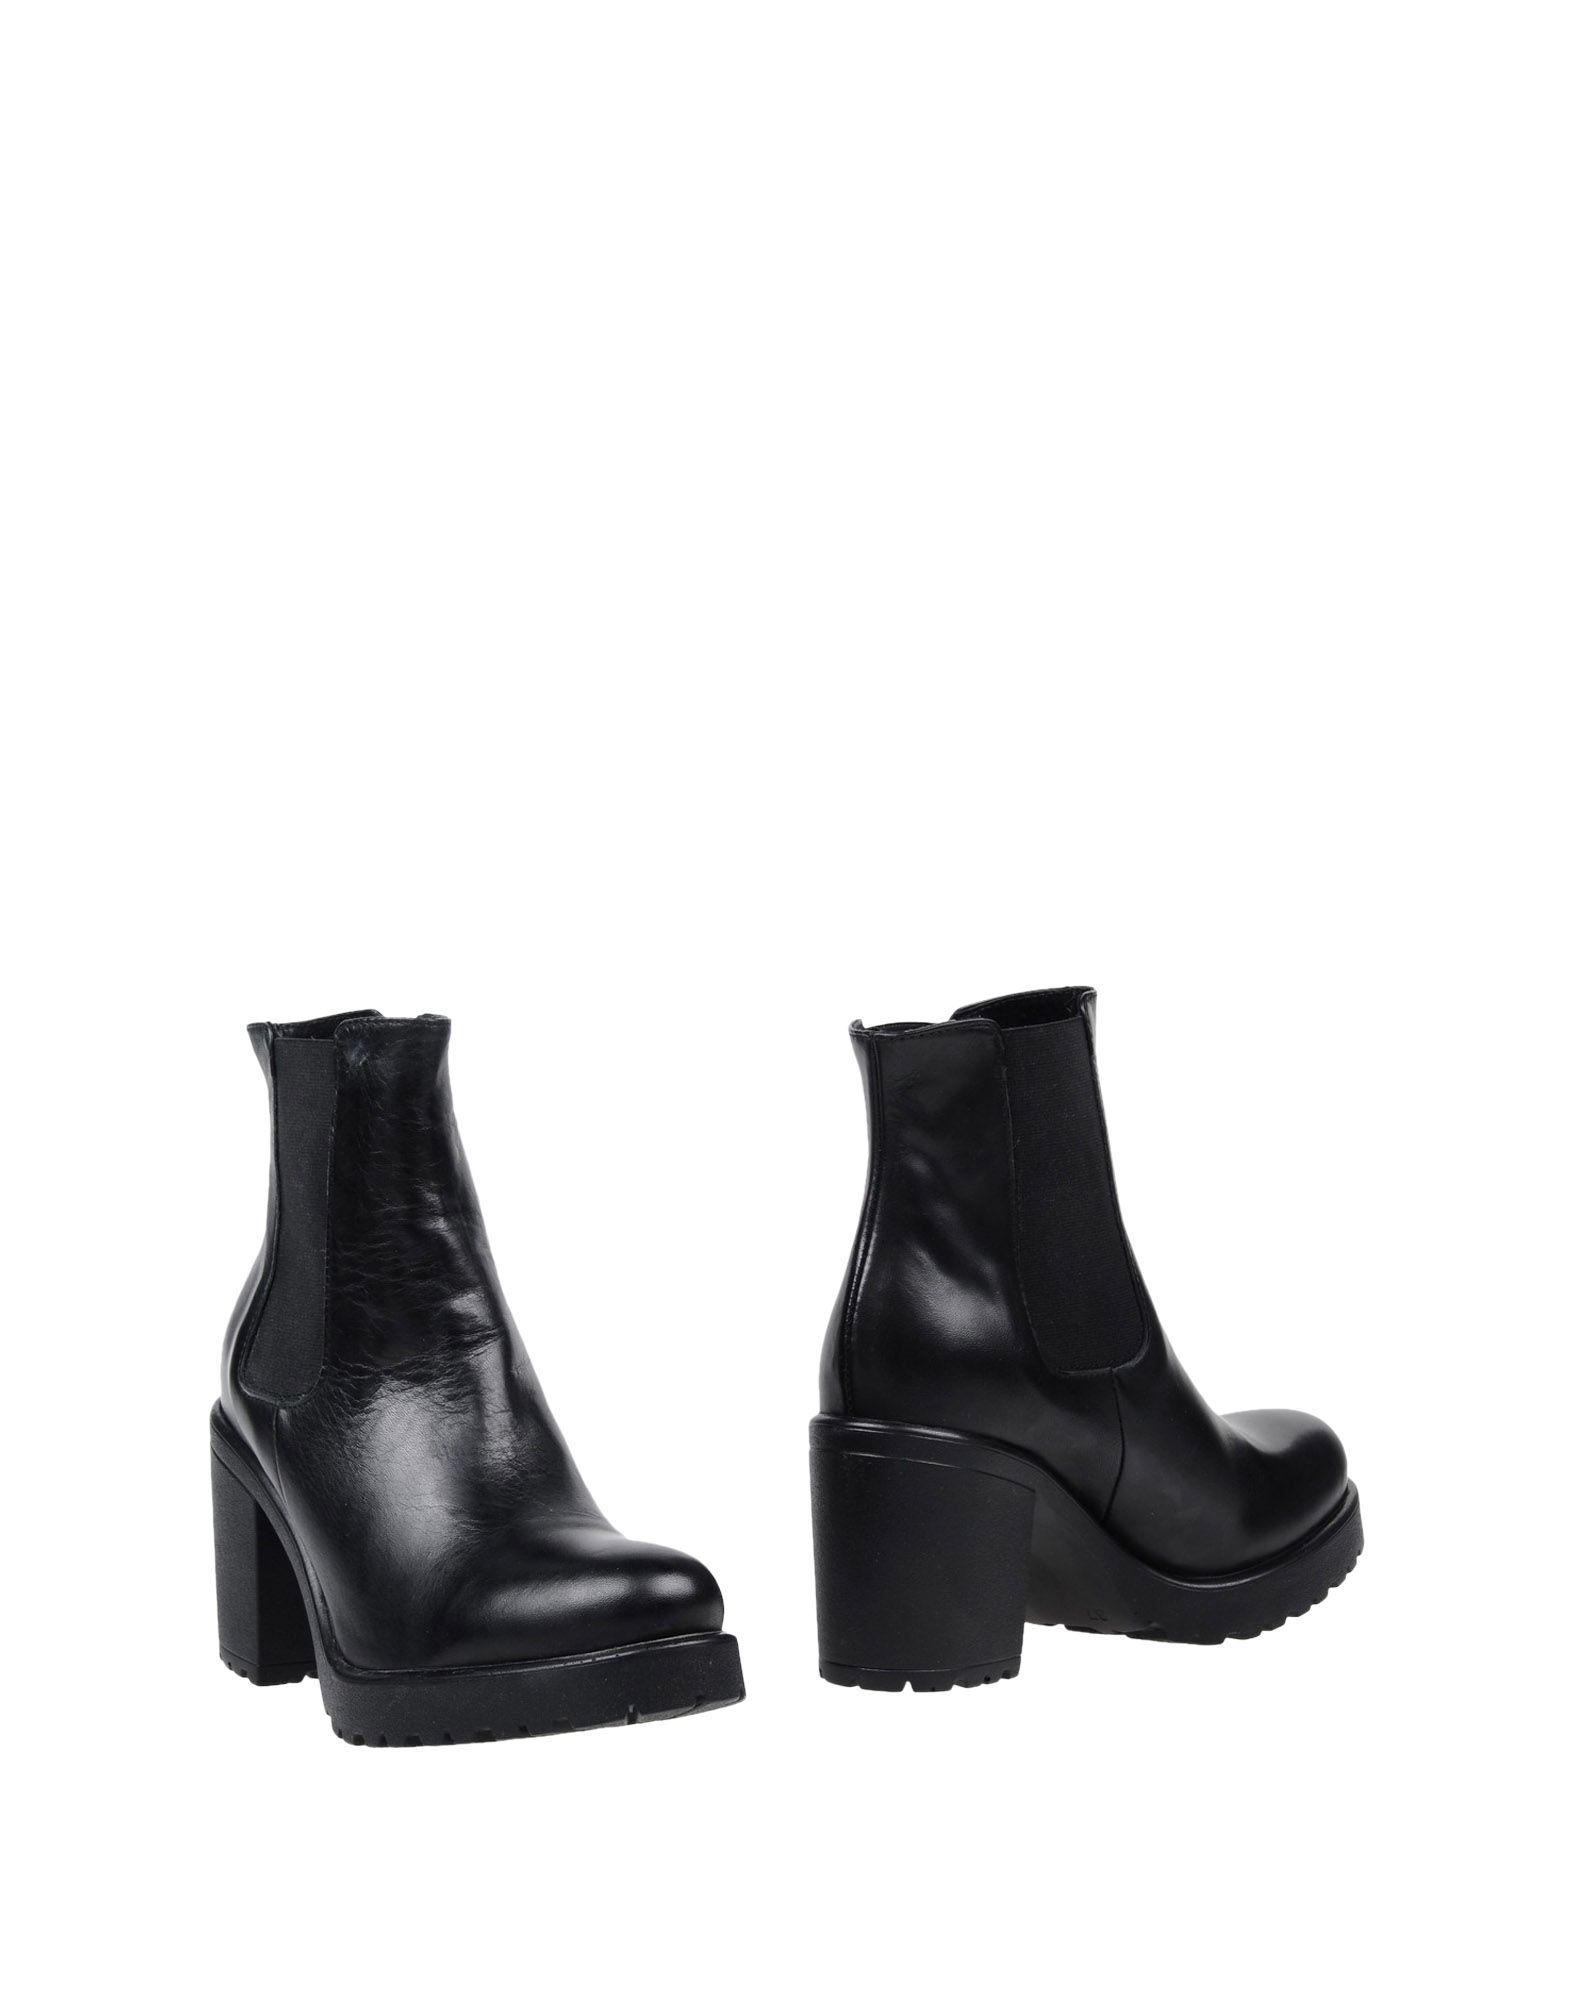 Stele Stiefelette Damen  11454448NWGut aussehende strapazierfähige Schuhe